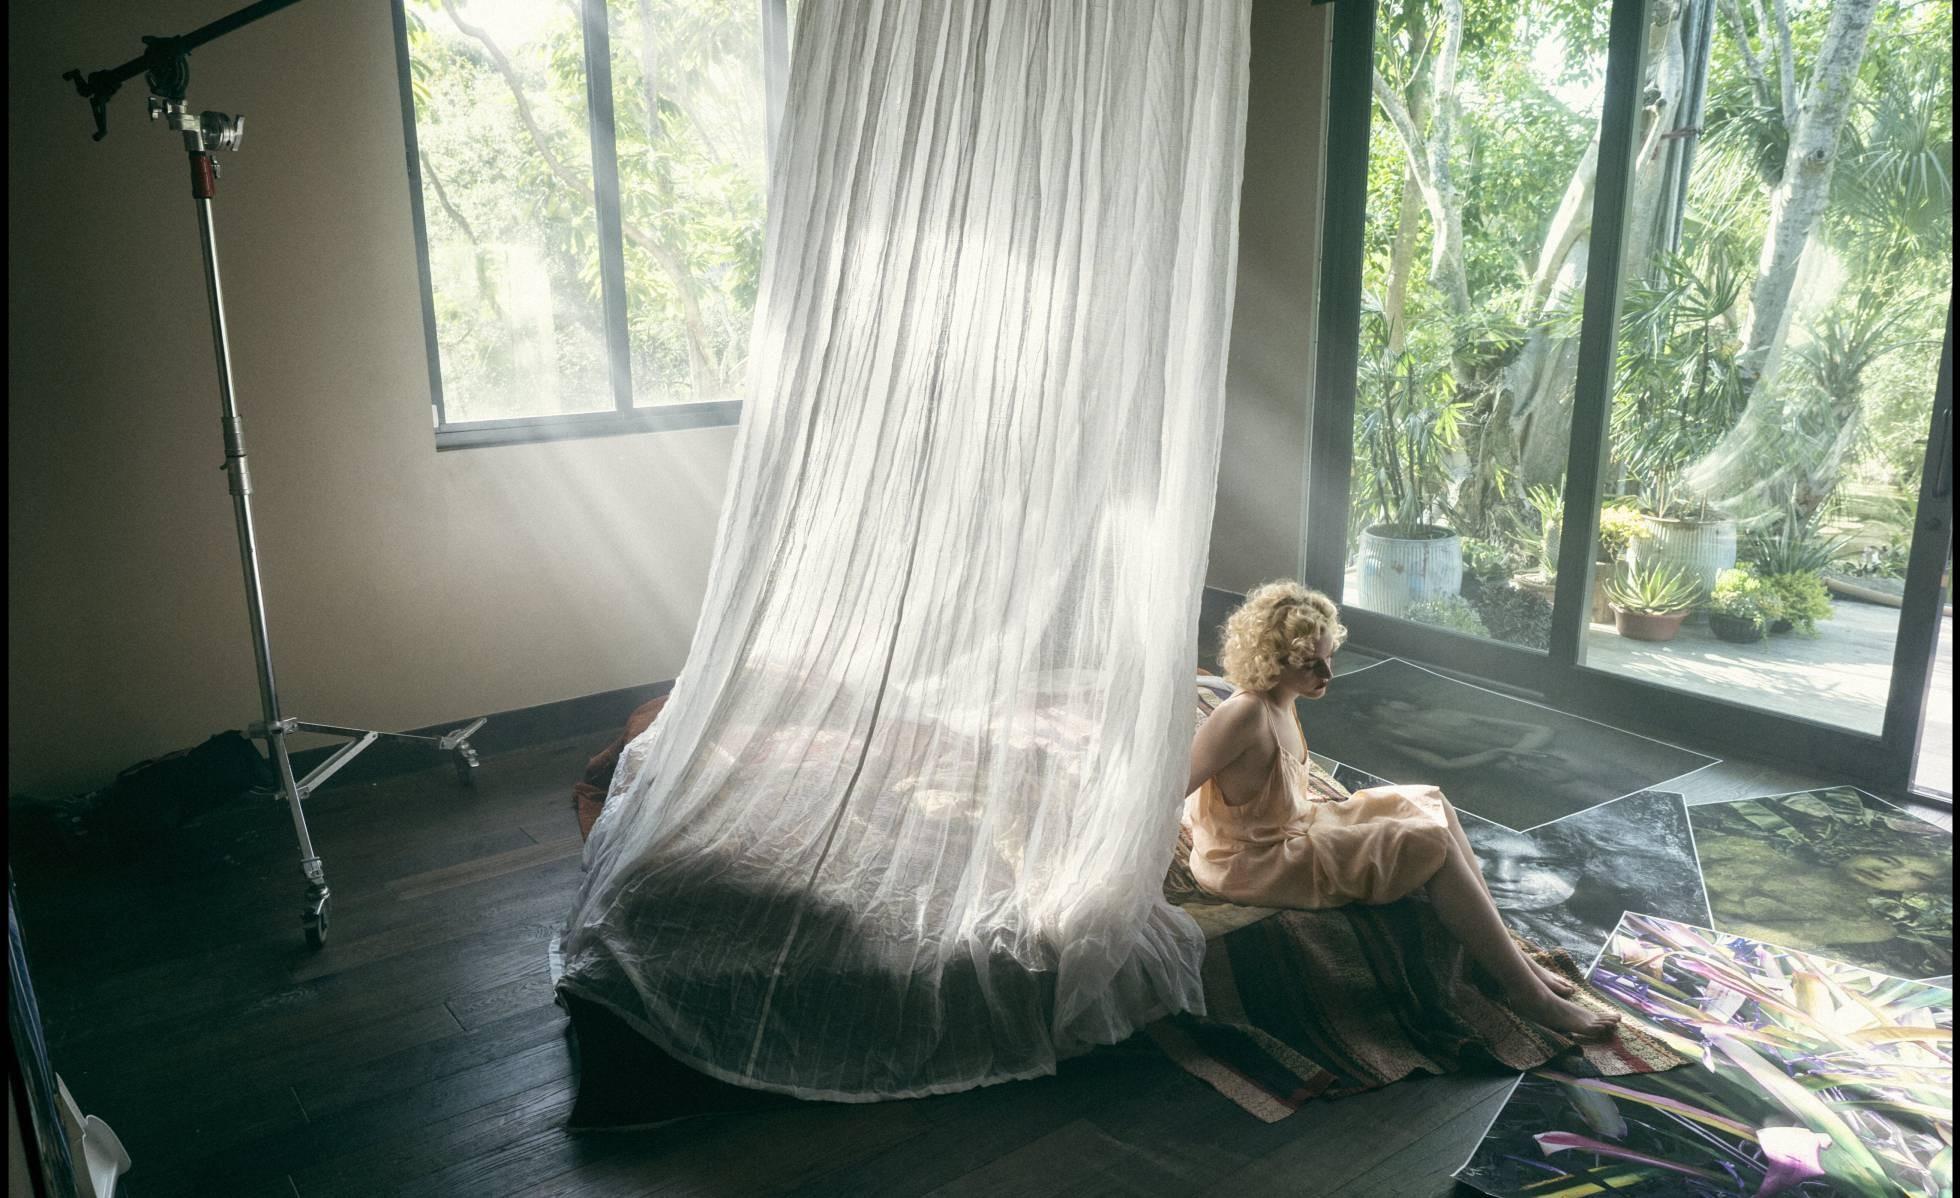 A atriz Julia Garner durante o ensaio de fotos (Foto: Calendário Pirelli)